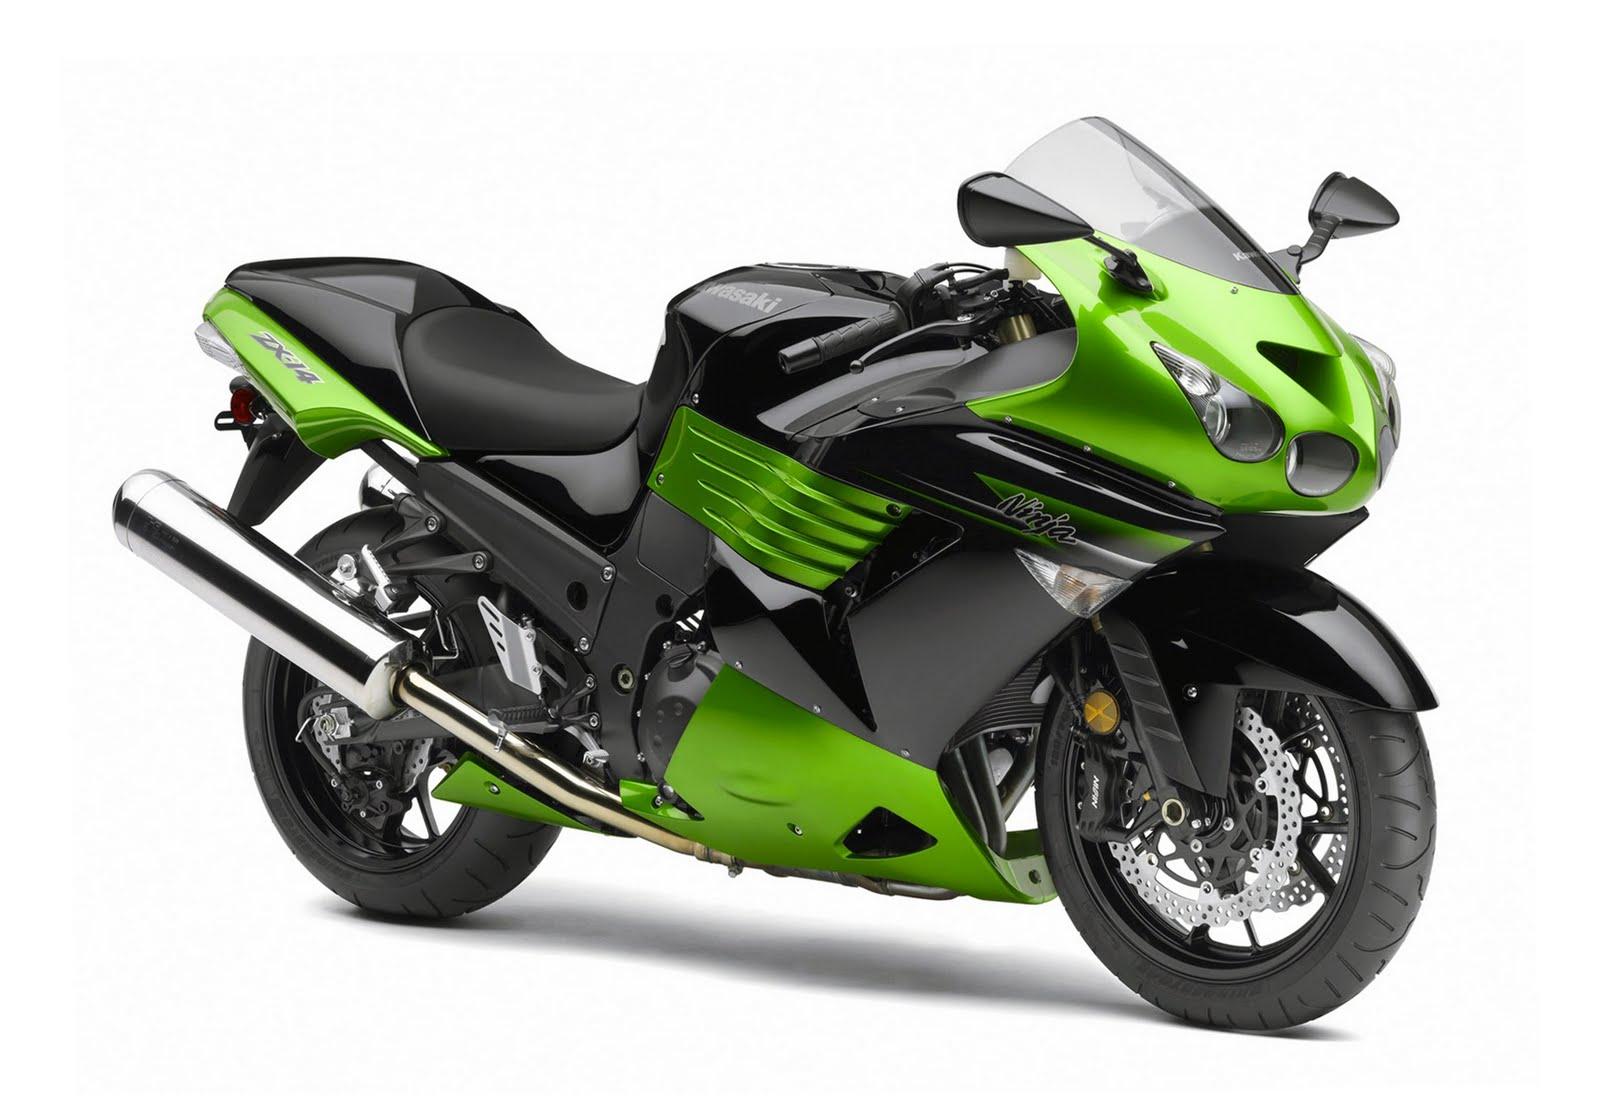 http://2.bp.blogspot.com/_TvNkUp-Yso8/TQZwAntDJ2I/AAAAAAAABvg/0uH5P_HBMrI/s1600/2011_Kawasaki_Ninja_ZX-14_b.jpg